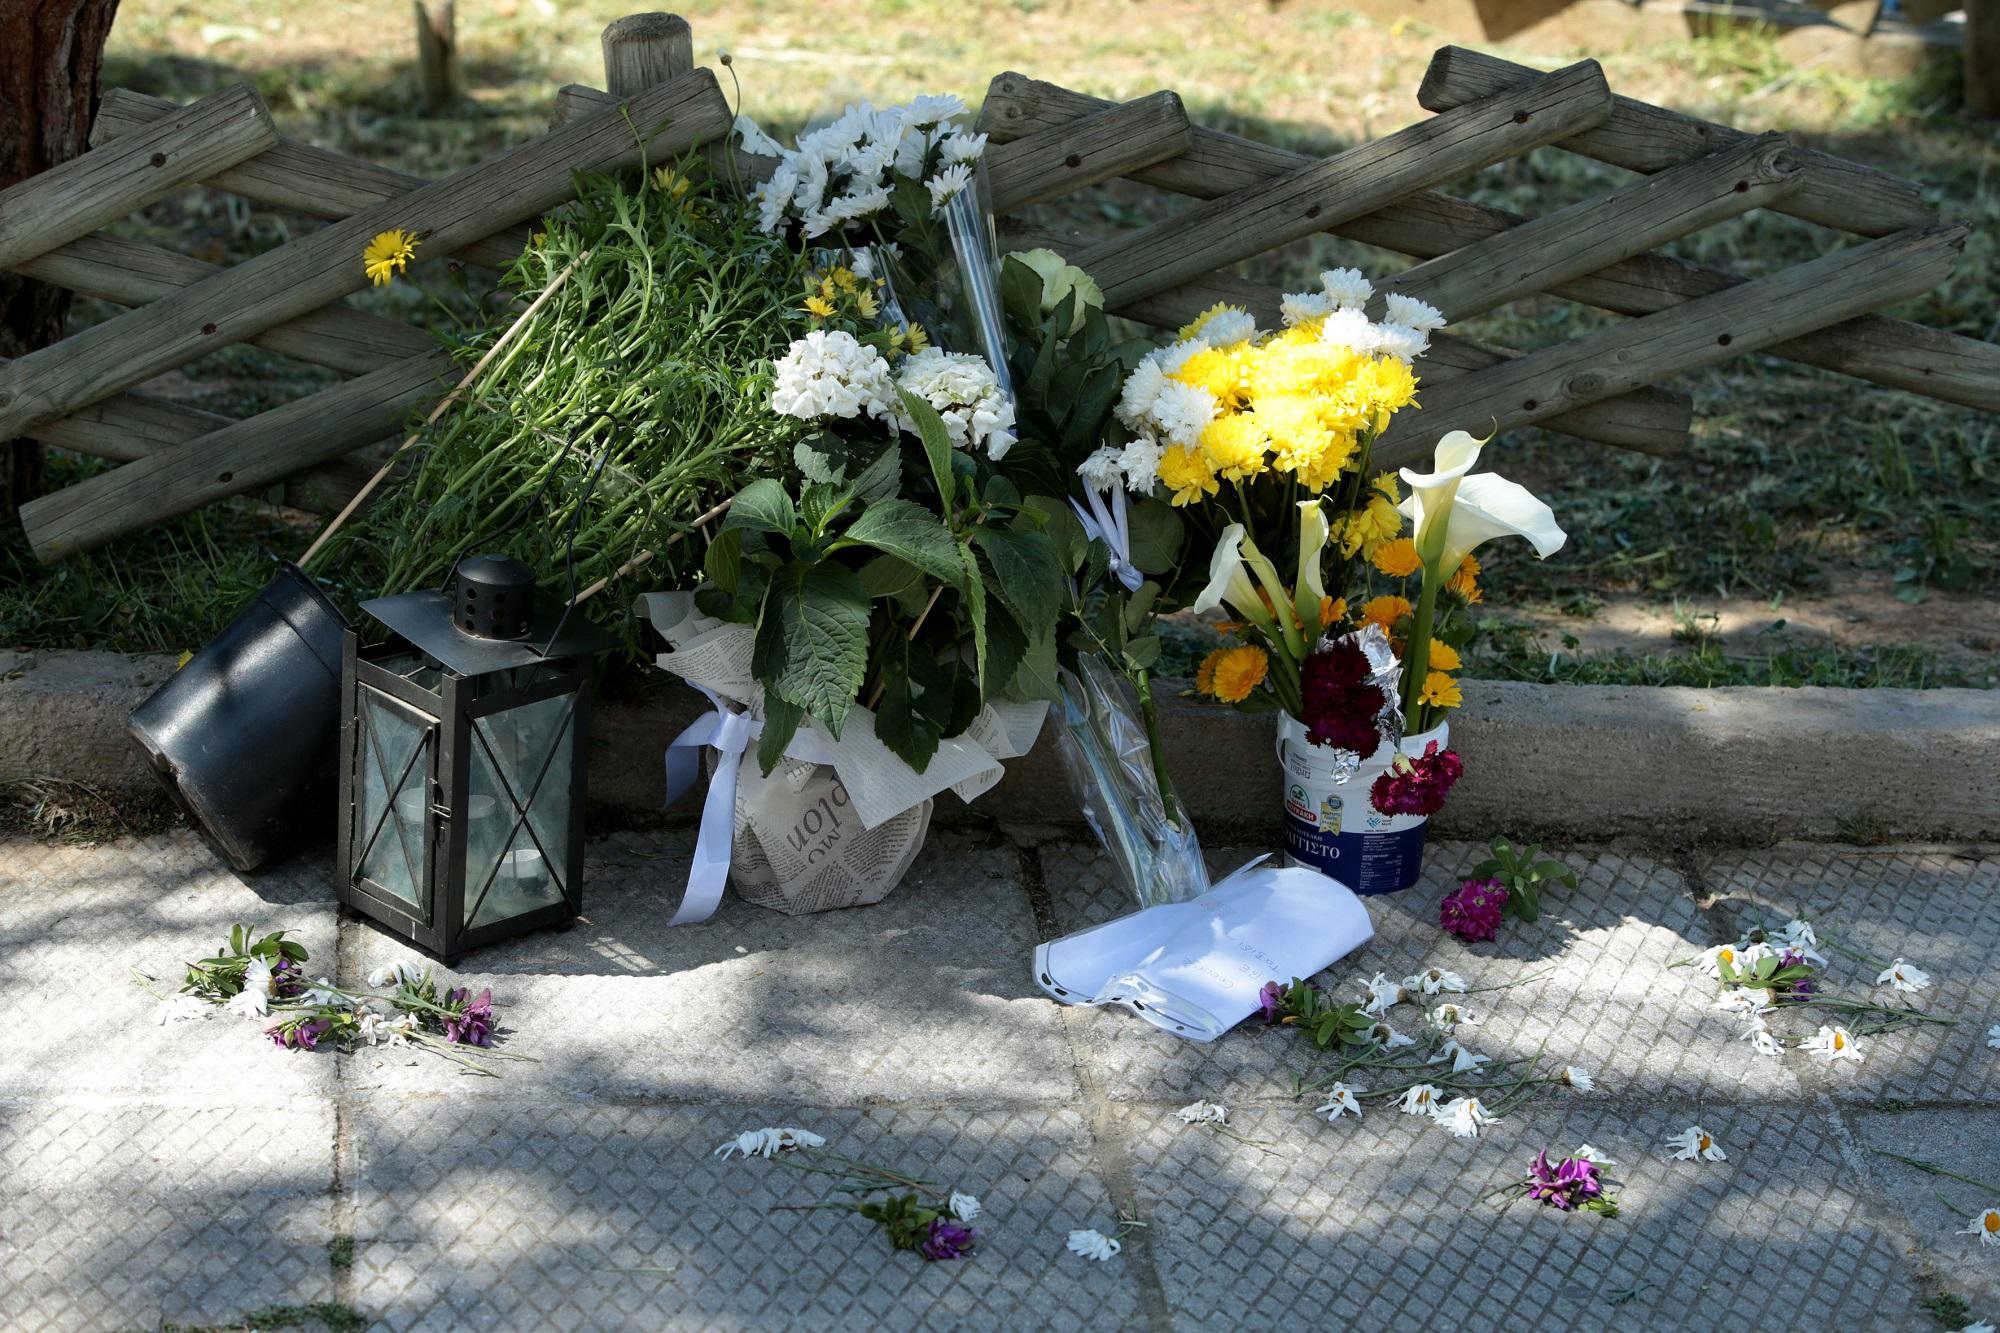 Πολιτικές αντιδράσεις για τη δολοφονία του Γ. Καραϊβάζ